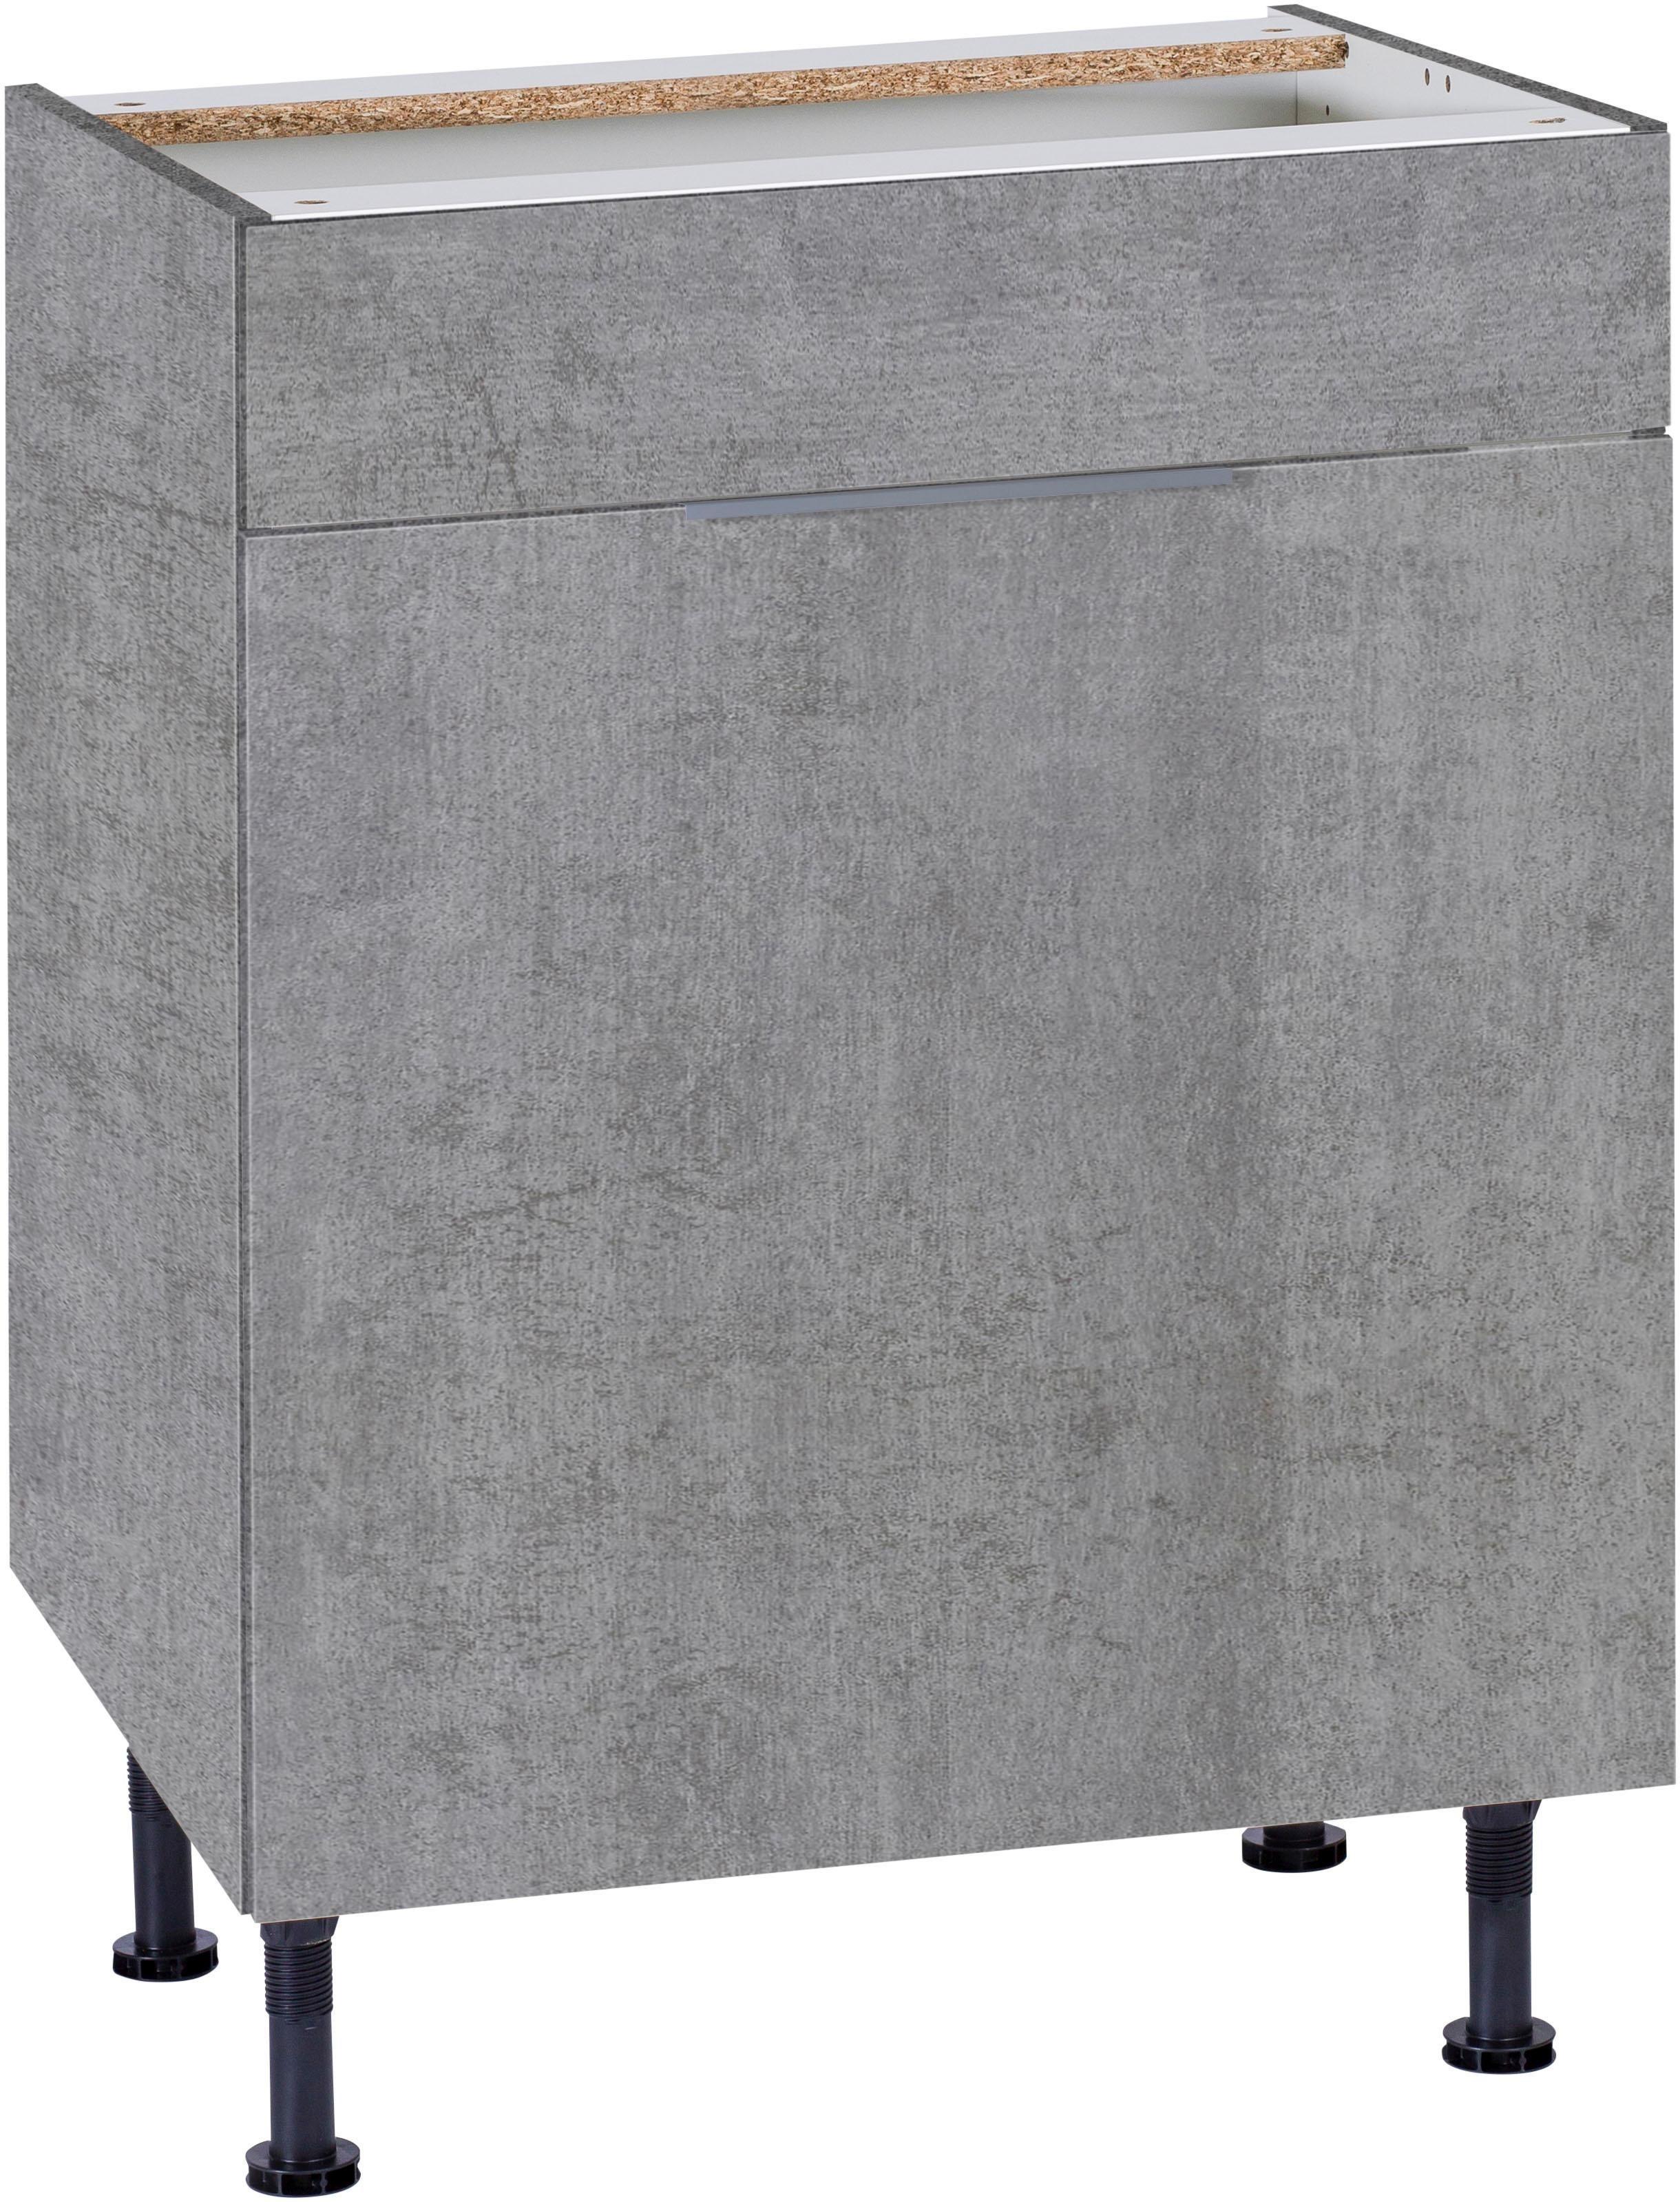 OPTIFIT Spülenschrank »Tara«, Breite 60 cm | Küche und Esszimmer > Küchenschränke > Spülenschränke | Anthrazit - Weiß - Matt - Glanz | Beton - Glänzend - Melamin | OPTIFIT